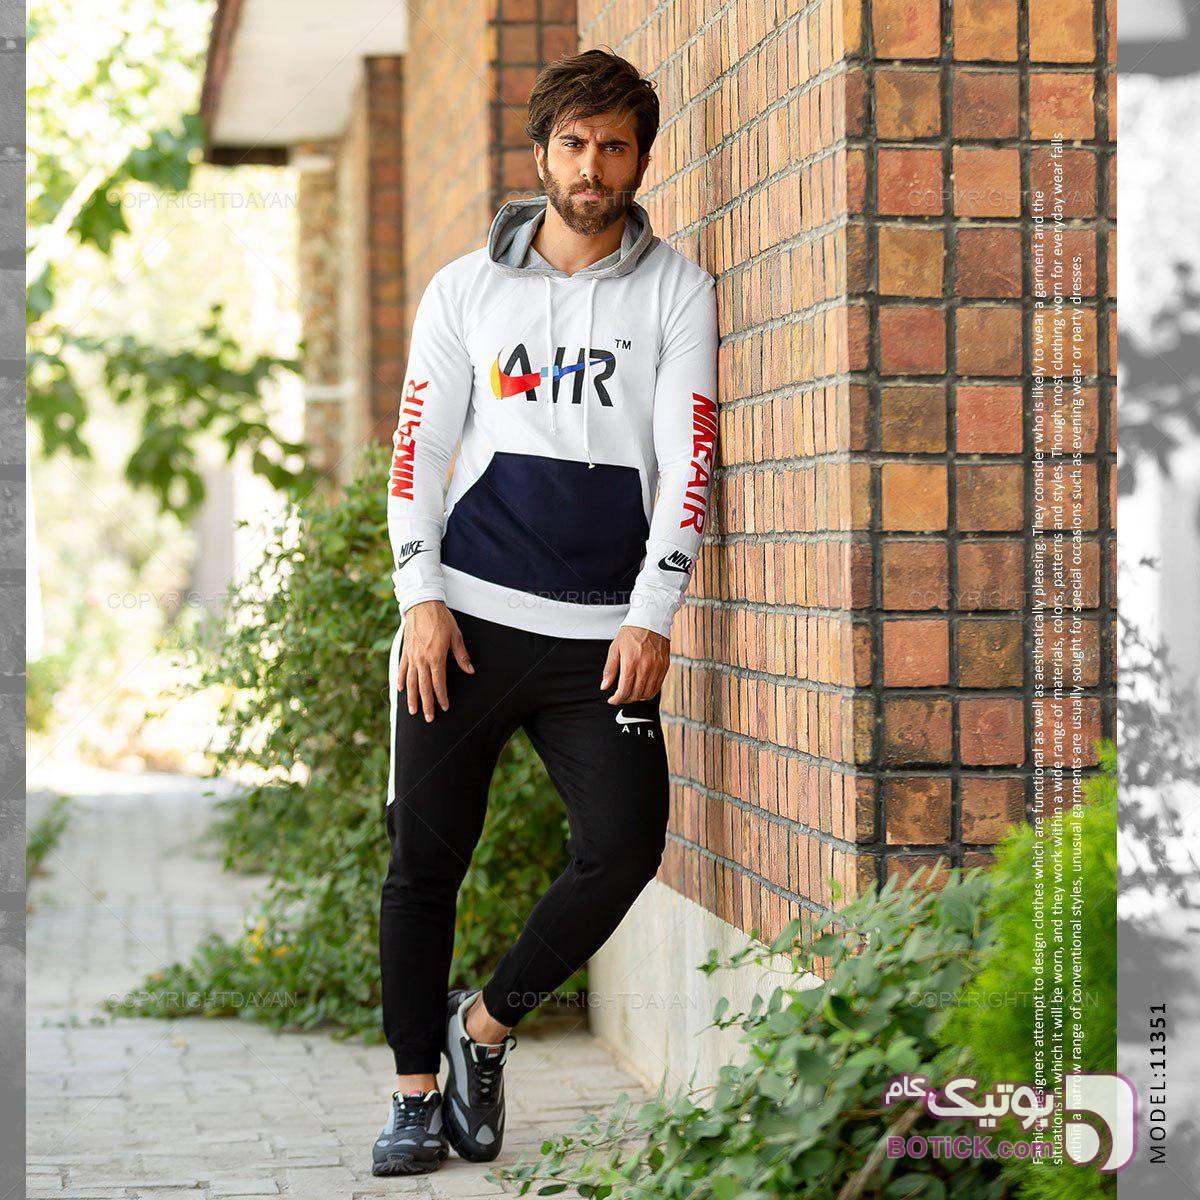 ست پیاده روی ایر (نایکی) مشکی ست ورزشی مردانه